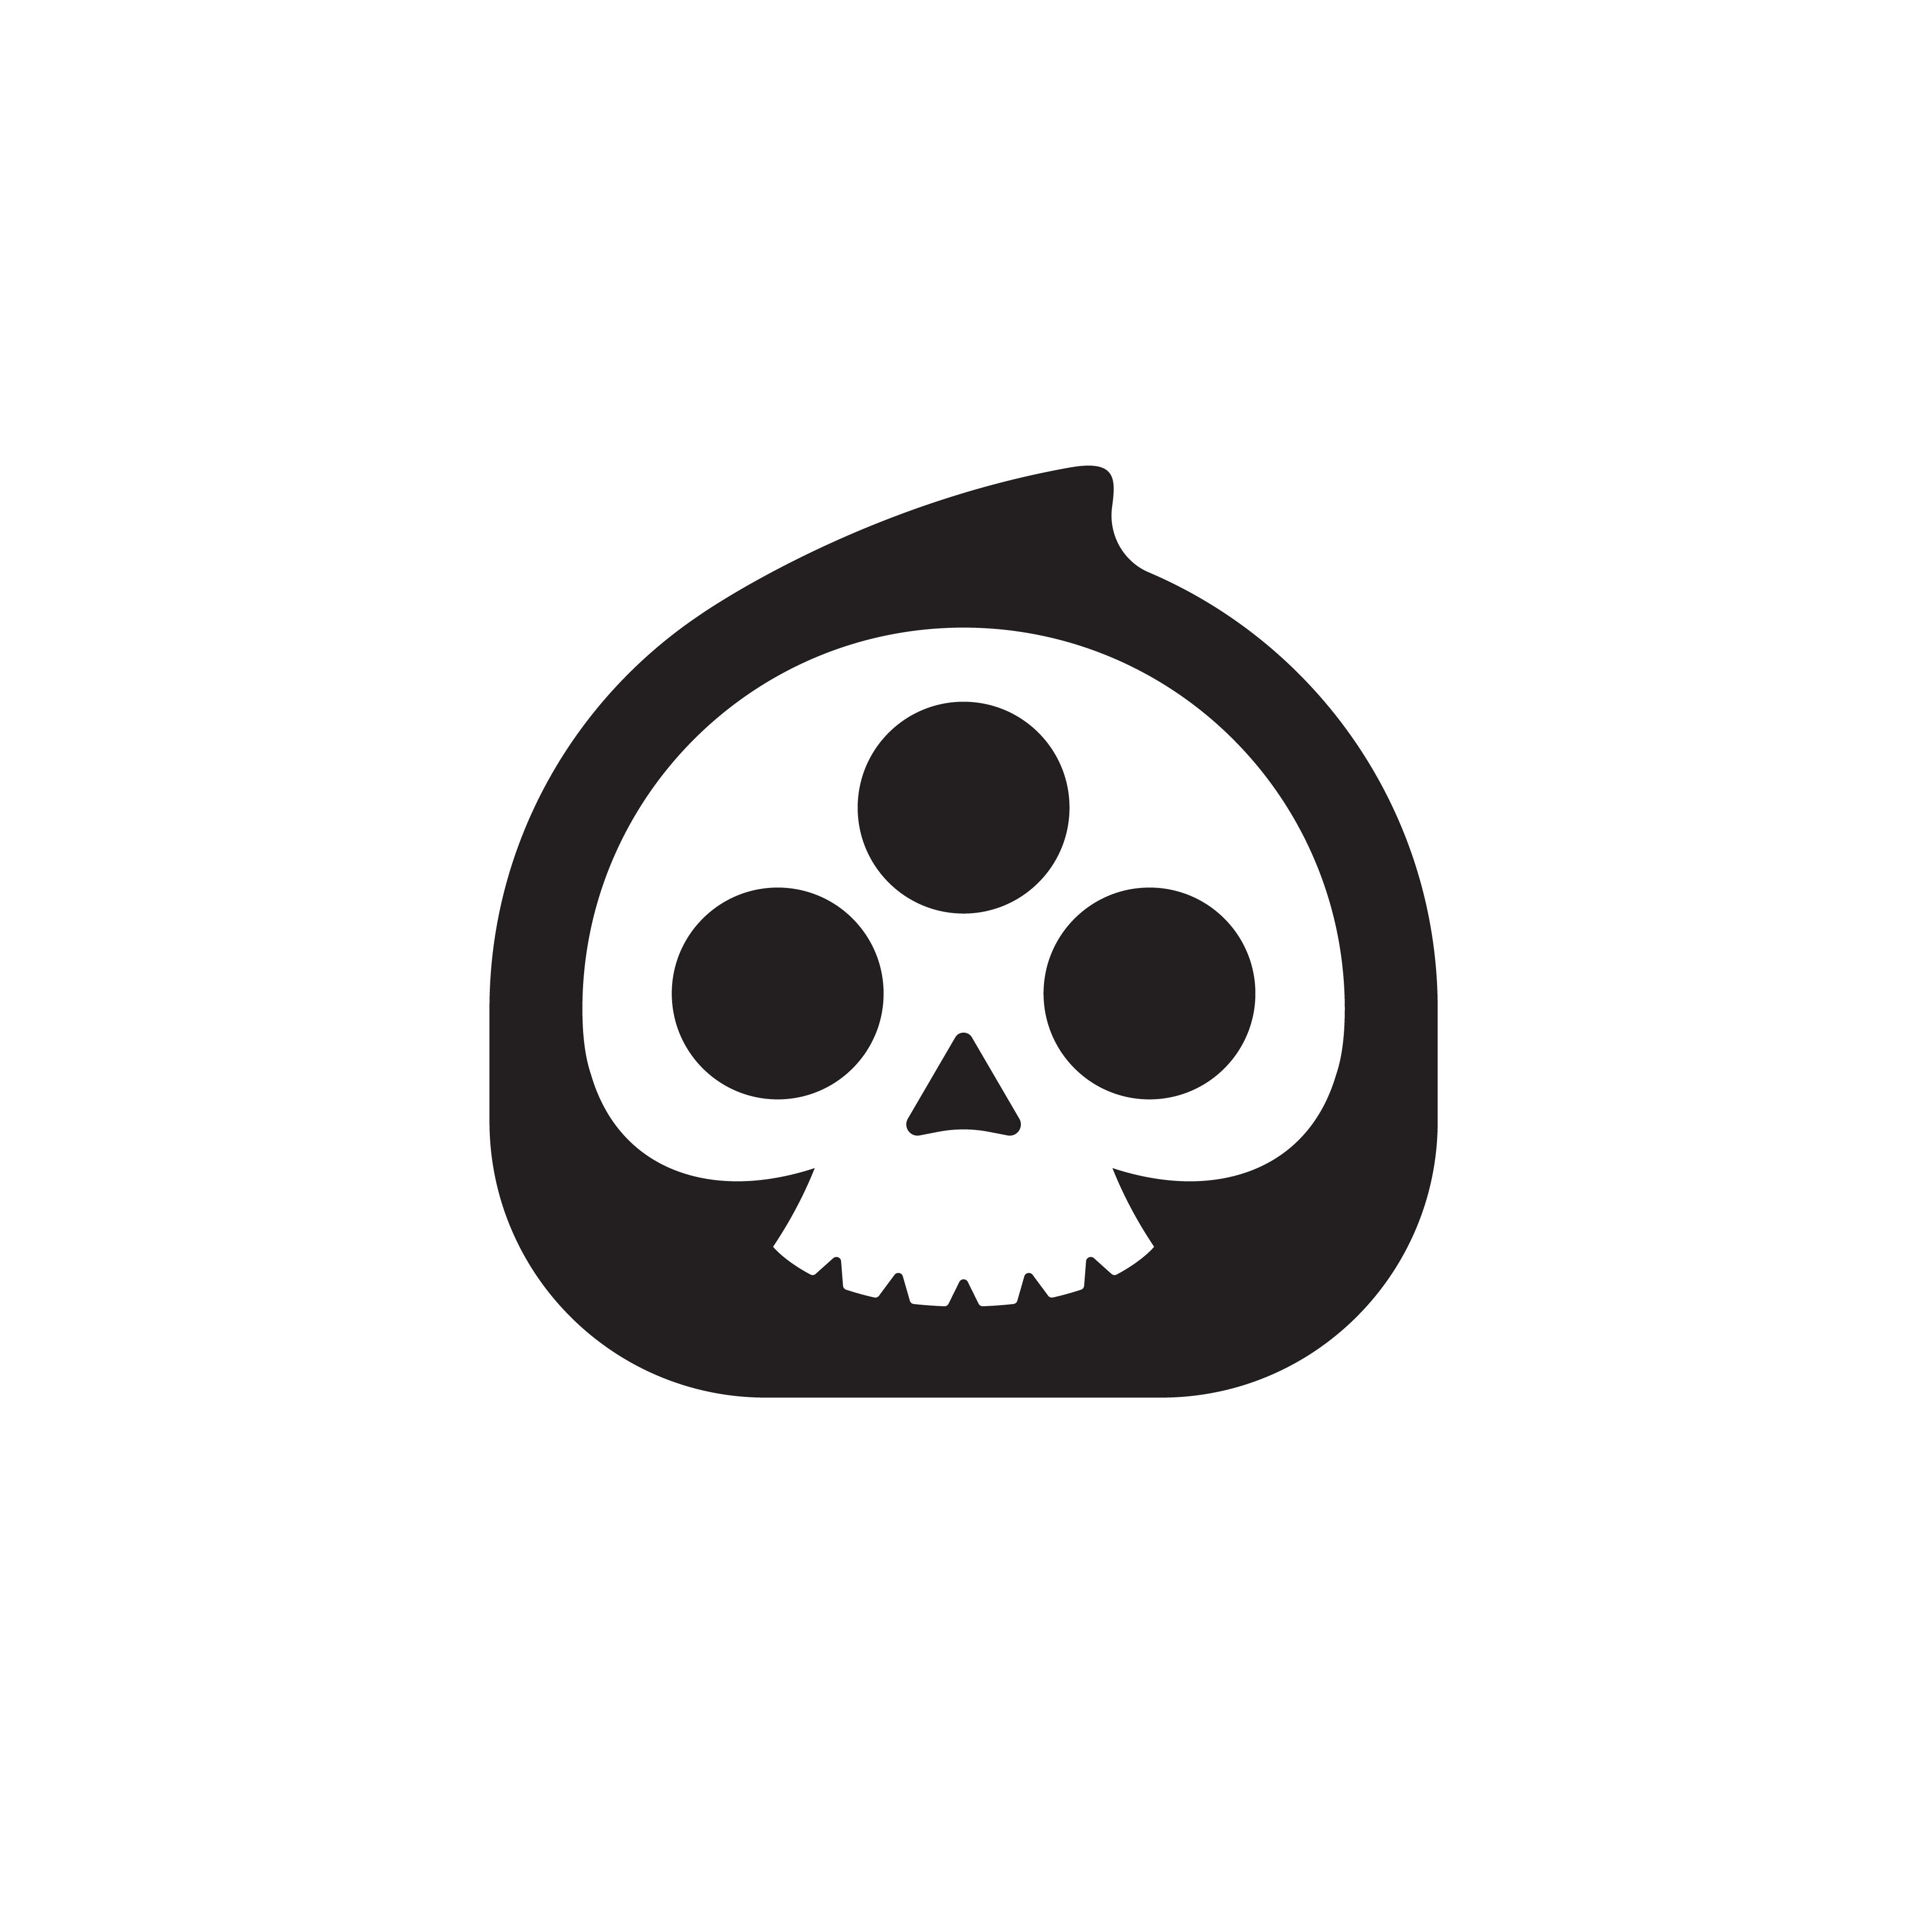 Order of the Skull Mascot